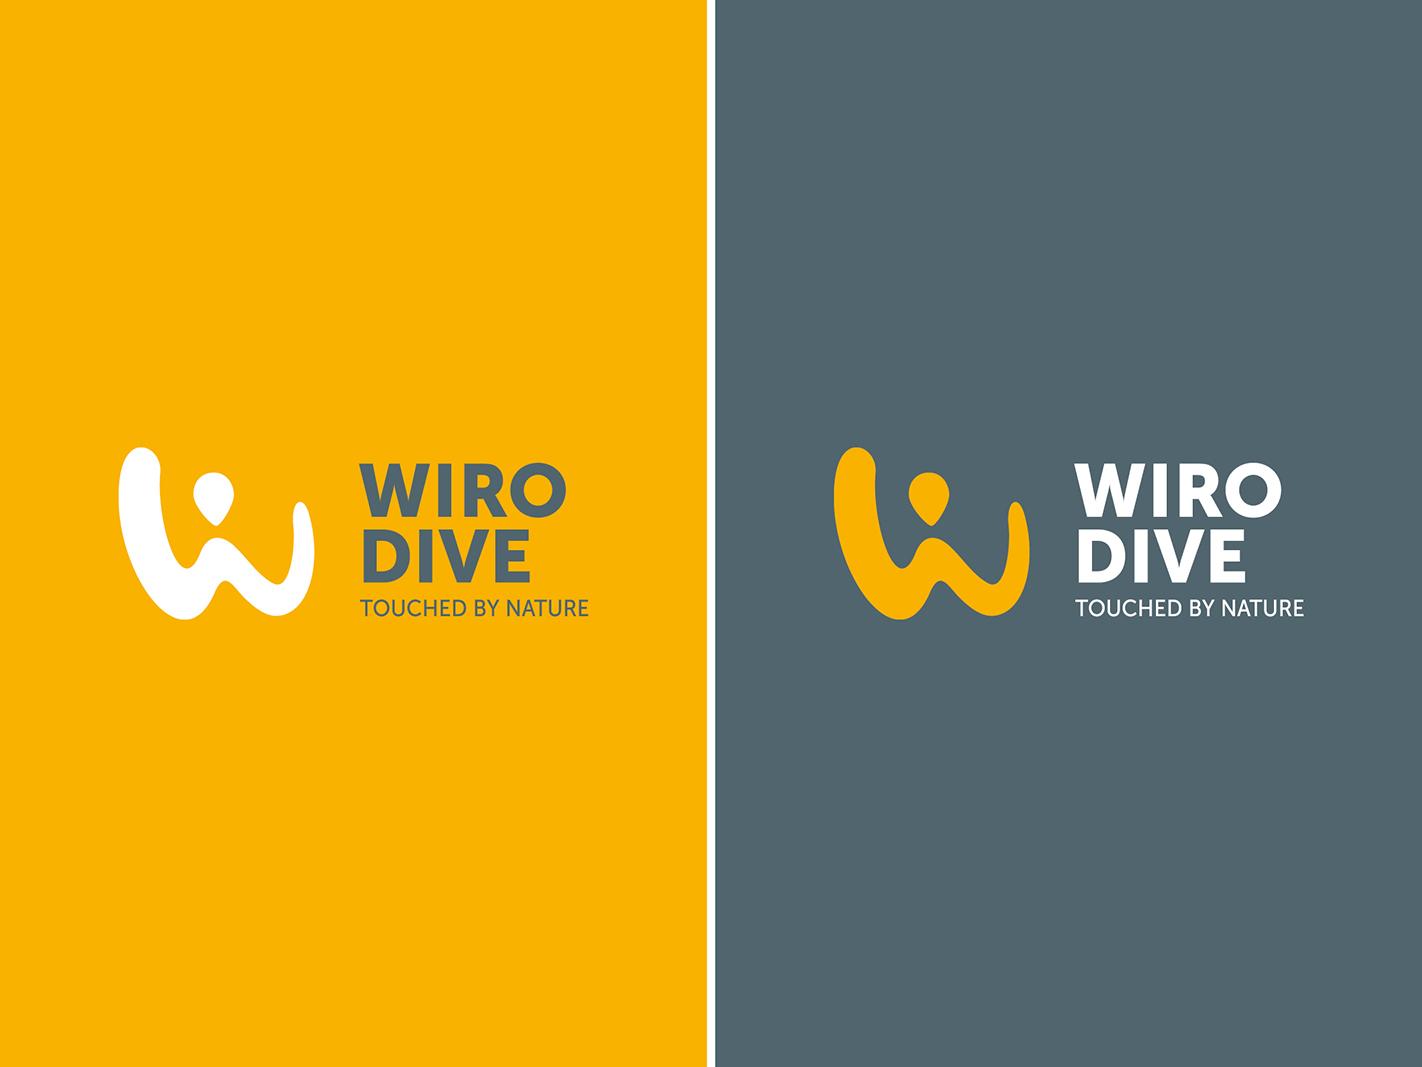 ATK-WIRO-DIVE-Tauchen-Reisen-Corporate-Design-3.jpg